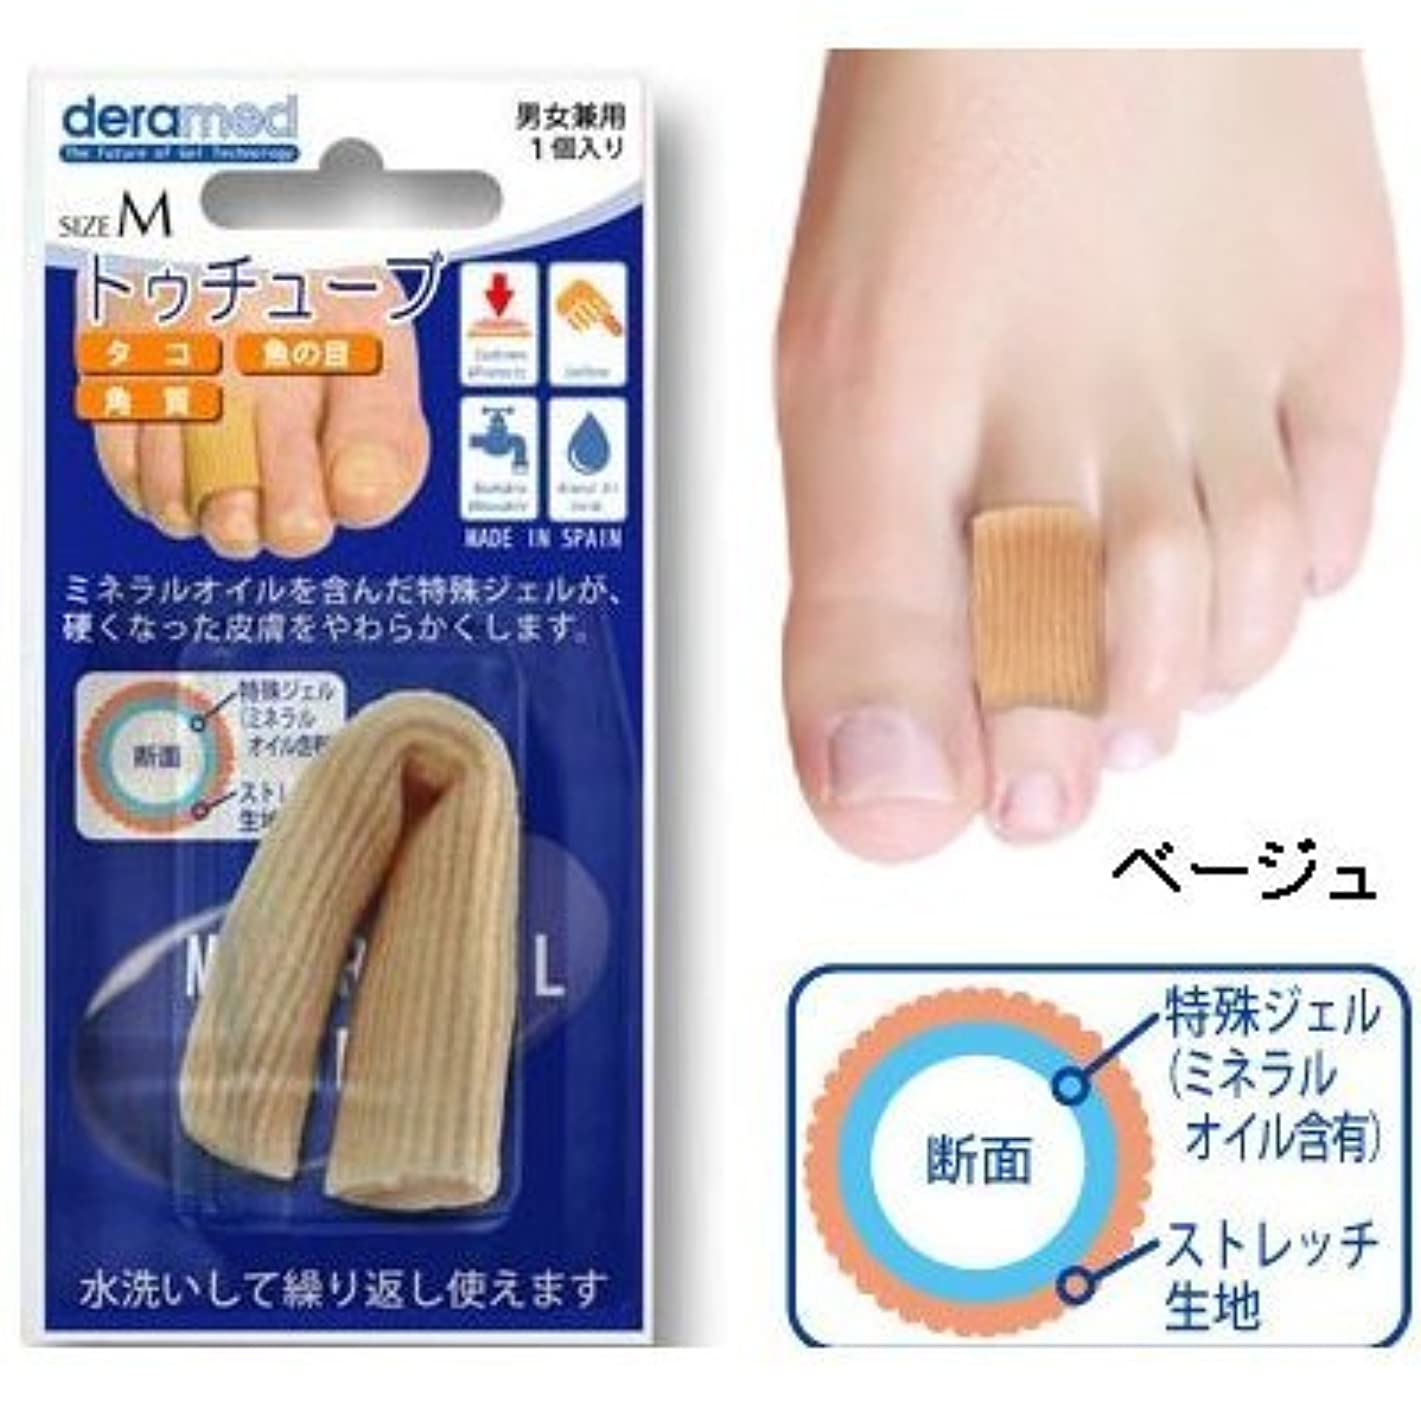 医薬品合併小道具deramed(デラメド)トゥチューブ (S)